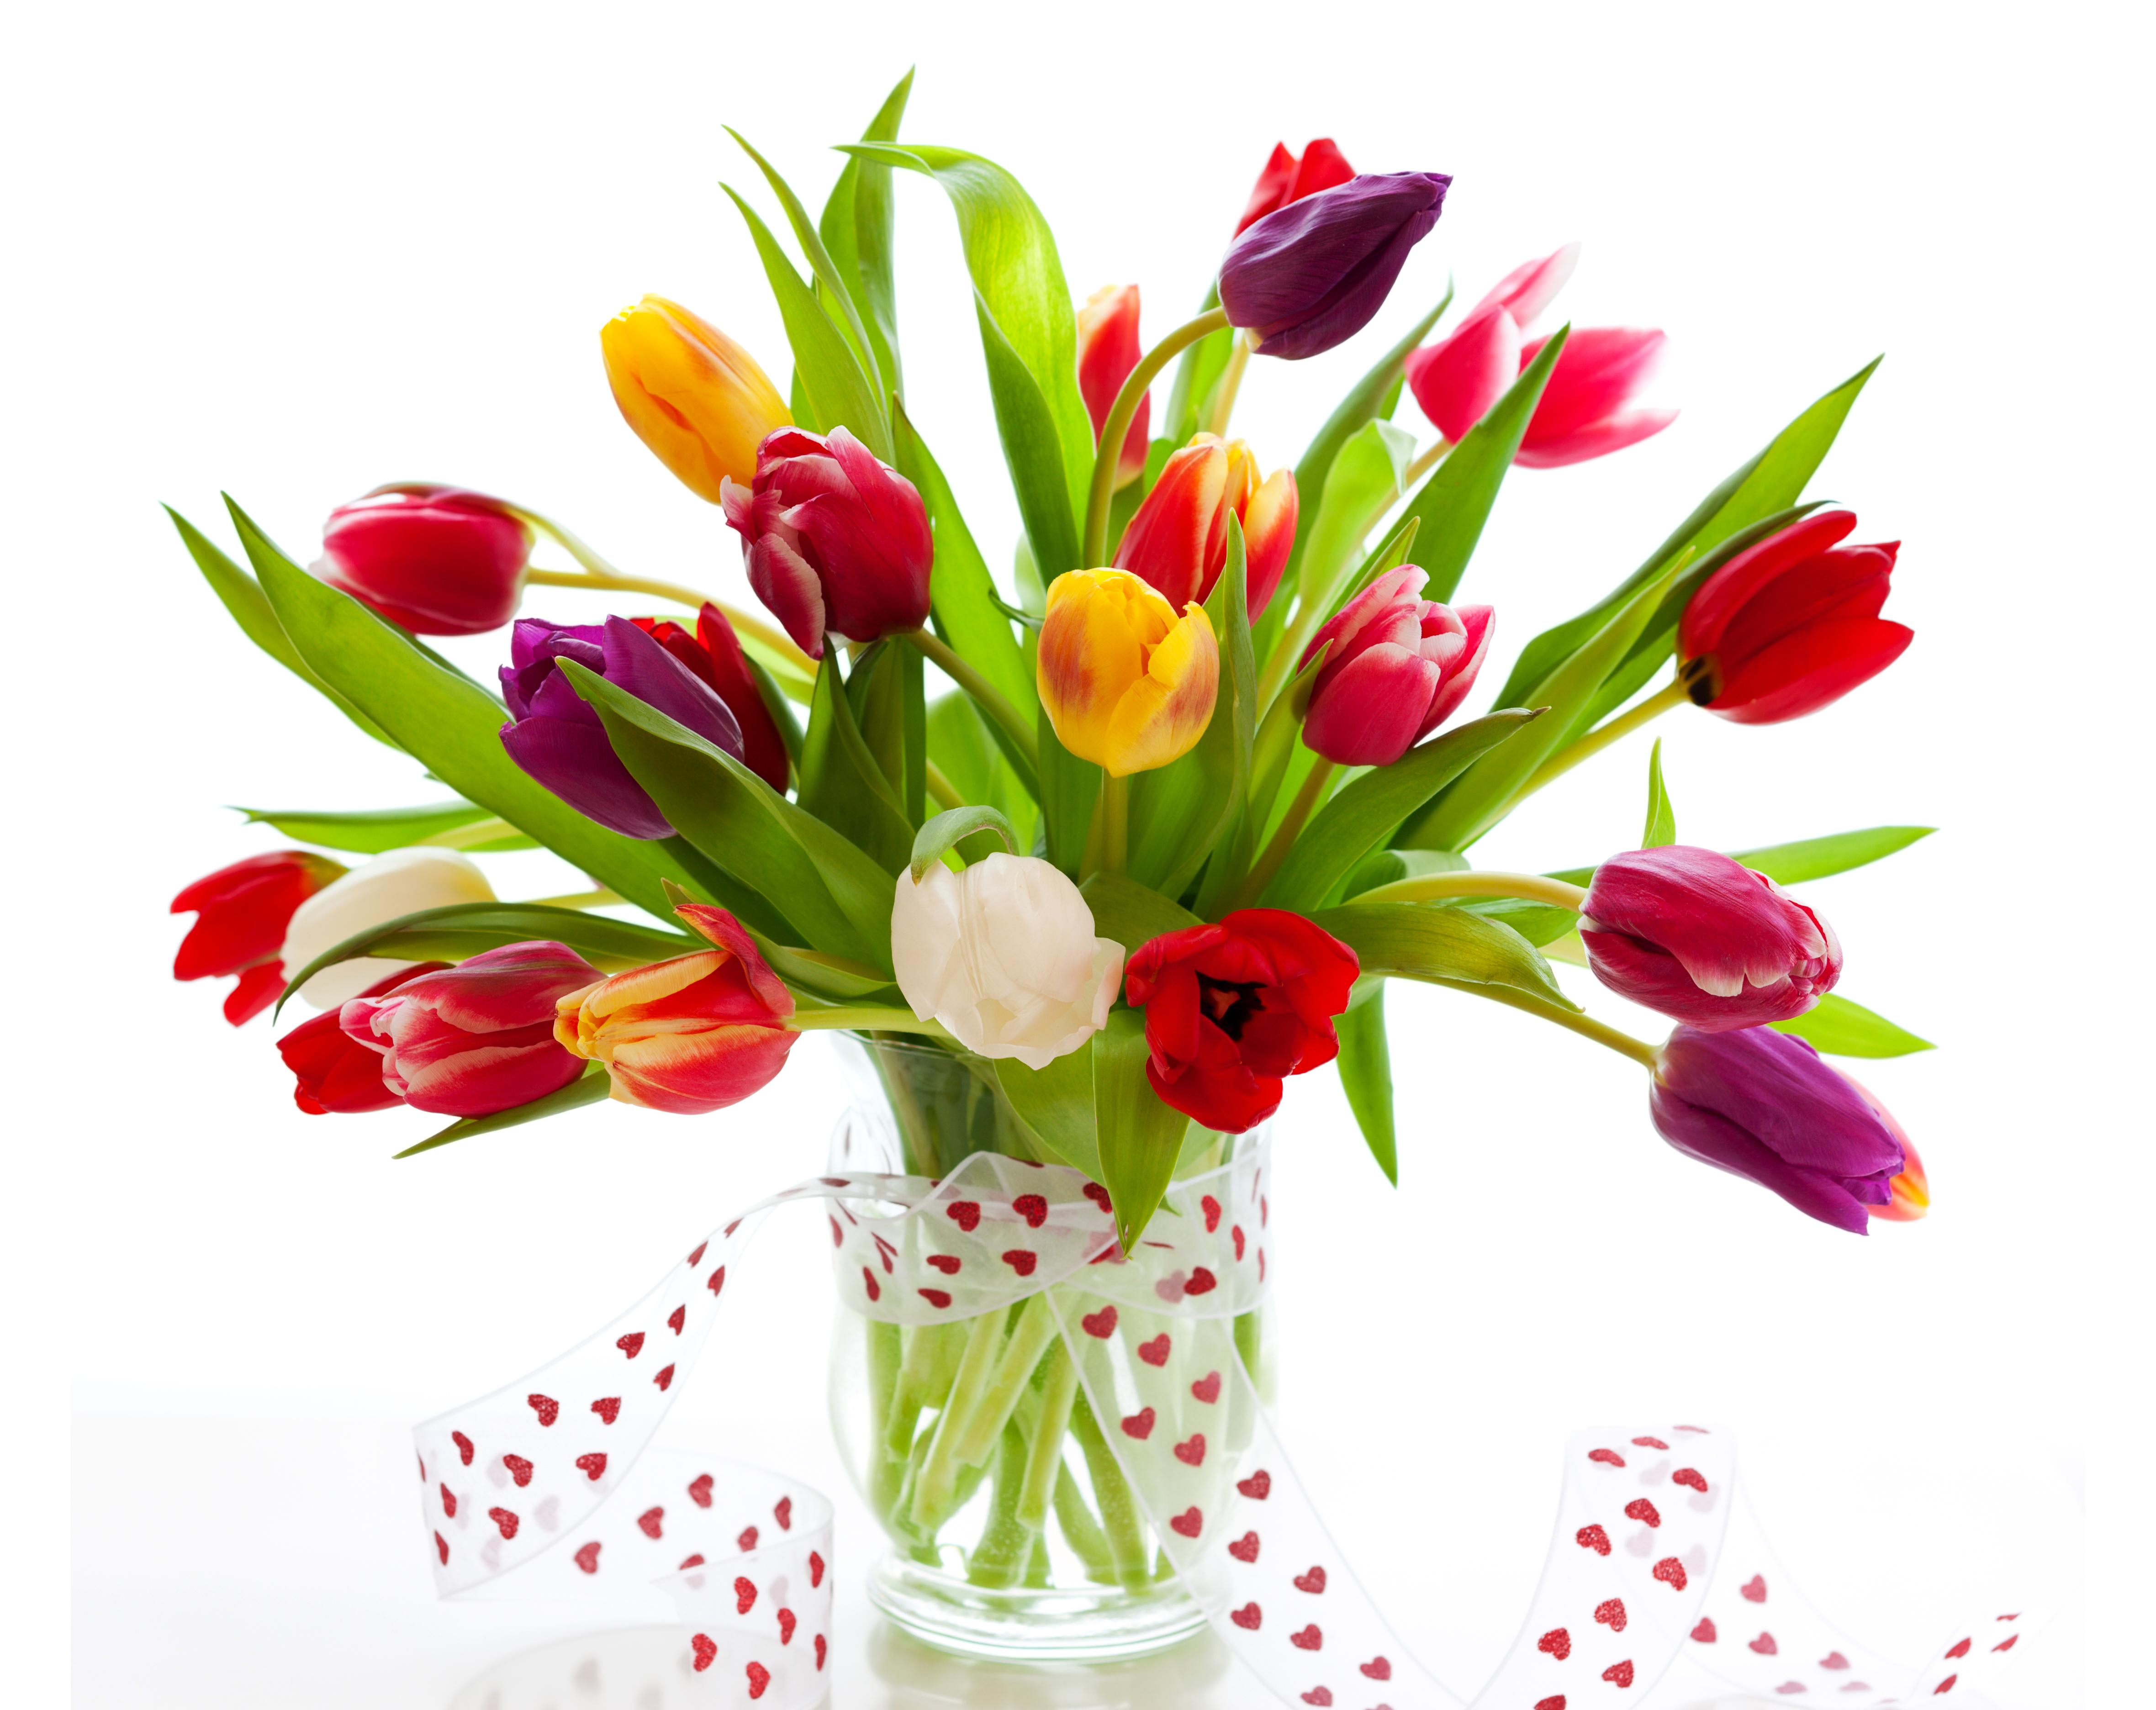 Открытки цветы красивые букеты тюльпанов, картинки